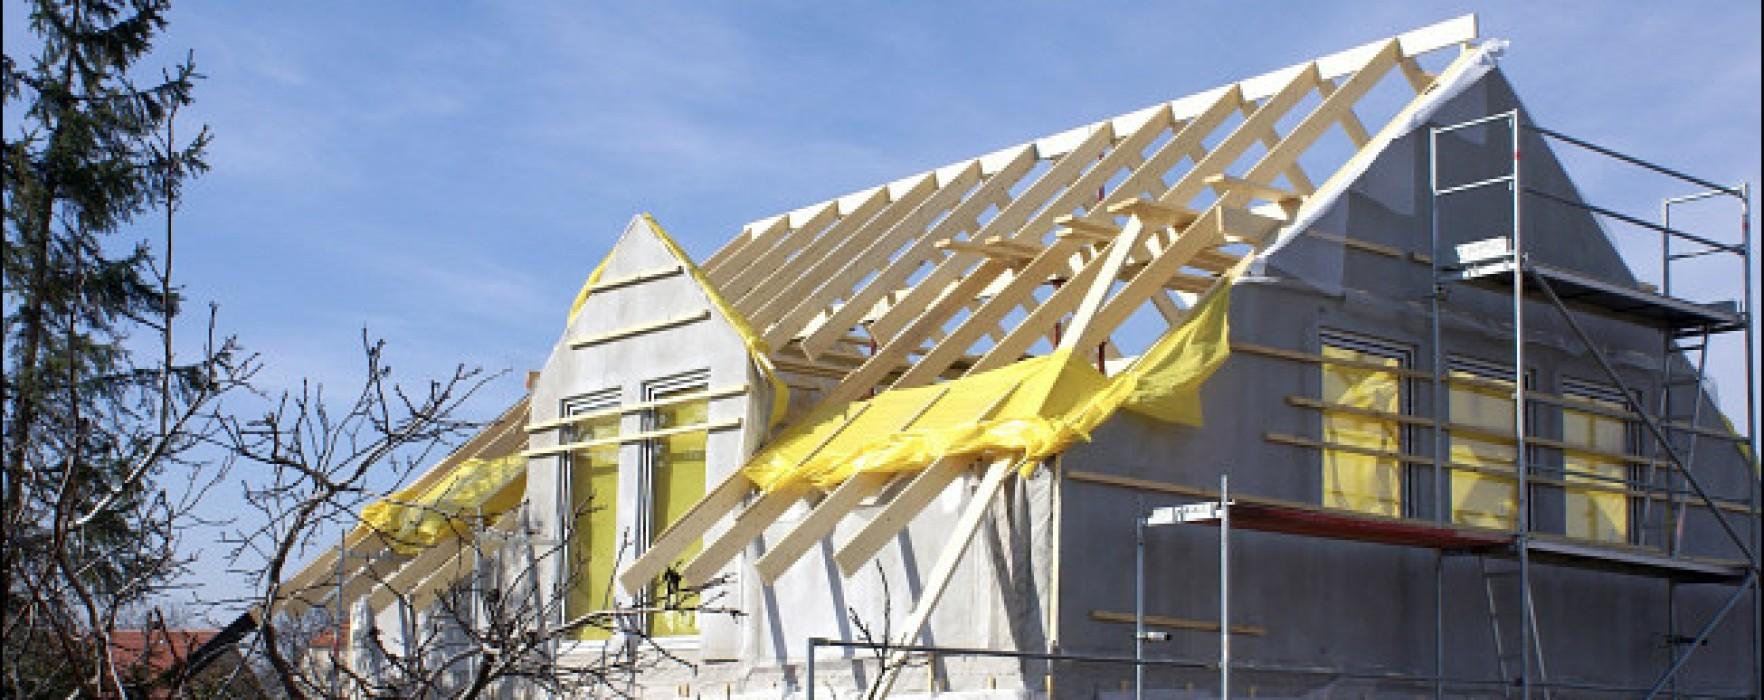 Una bifamiliare in legno economica - Casa in legno economica ...